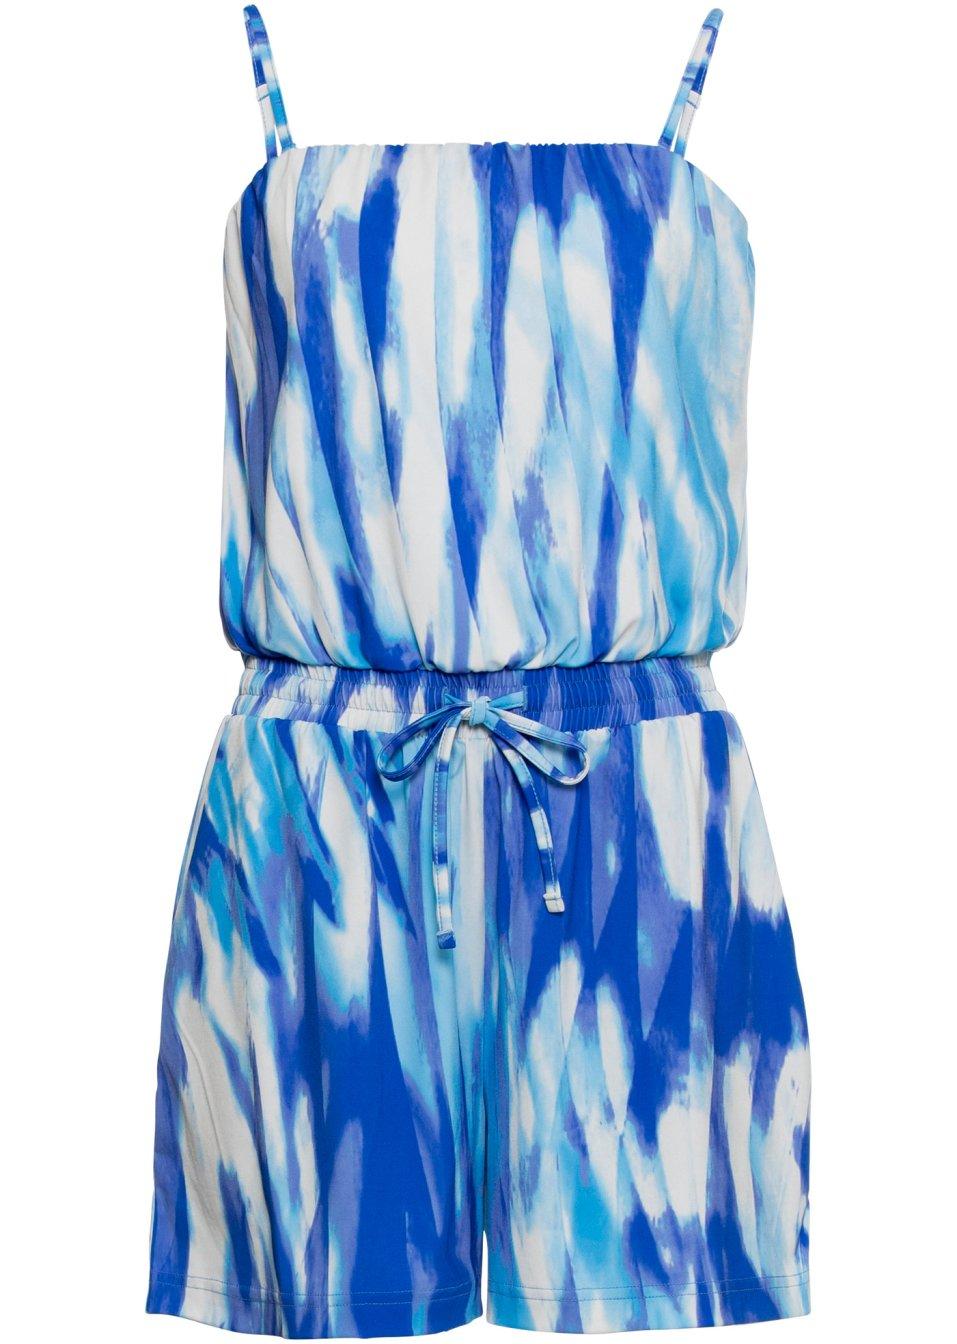 Kurzer Bandeau-Jumpsuit blau/weiß bedruckt - Damen - bonprix.de rV5Pr aUypn